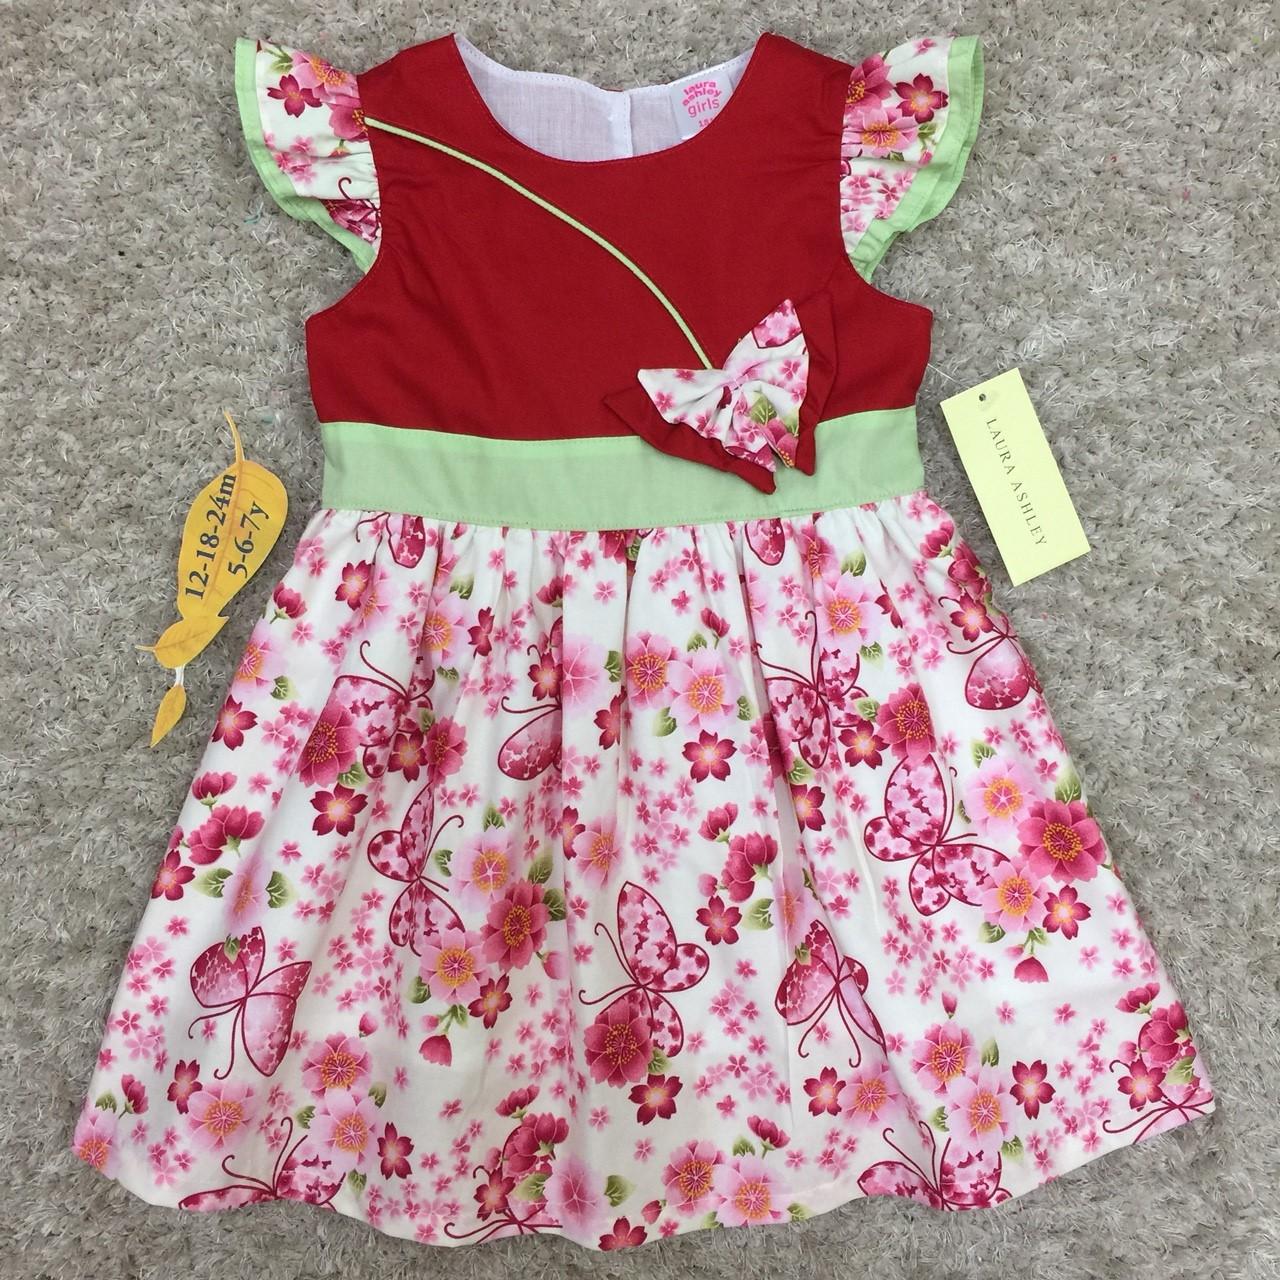 เสื้อผ้าเด็ก 5-7ปี size 5Y-6Y-7Y ลายดอกไม้ แต่งผีเสื้อ สีแดง